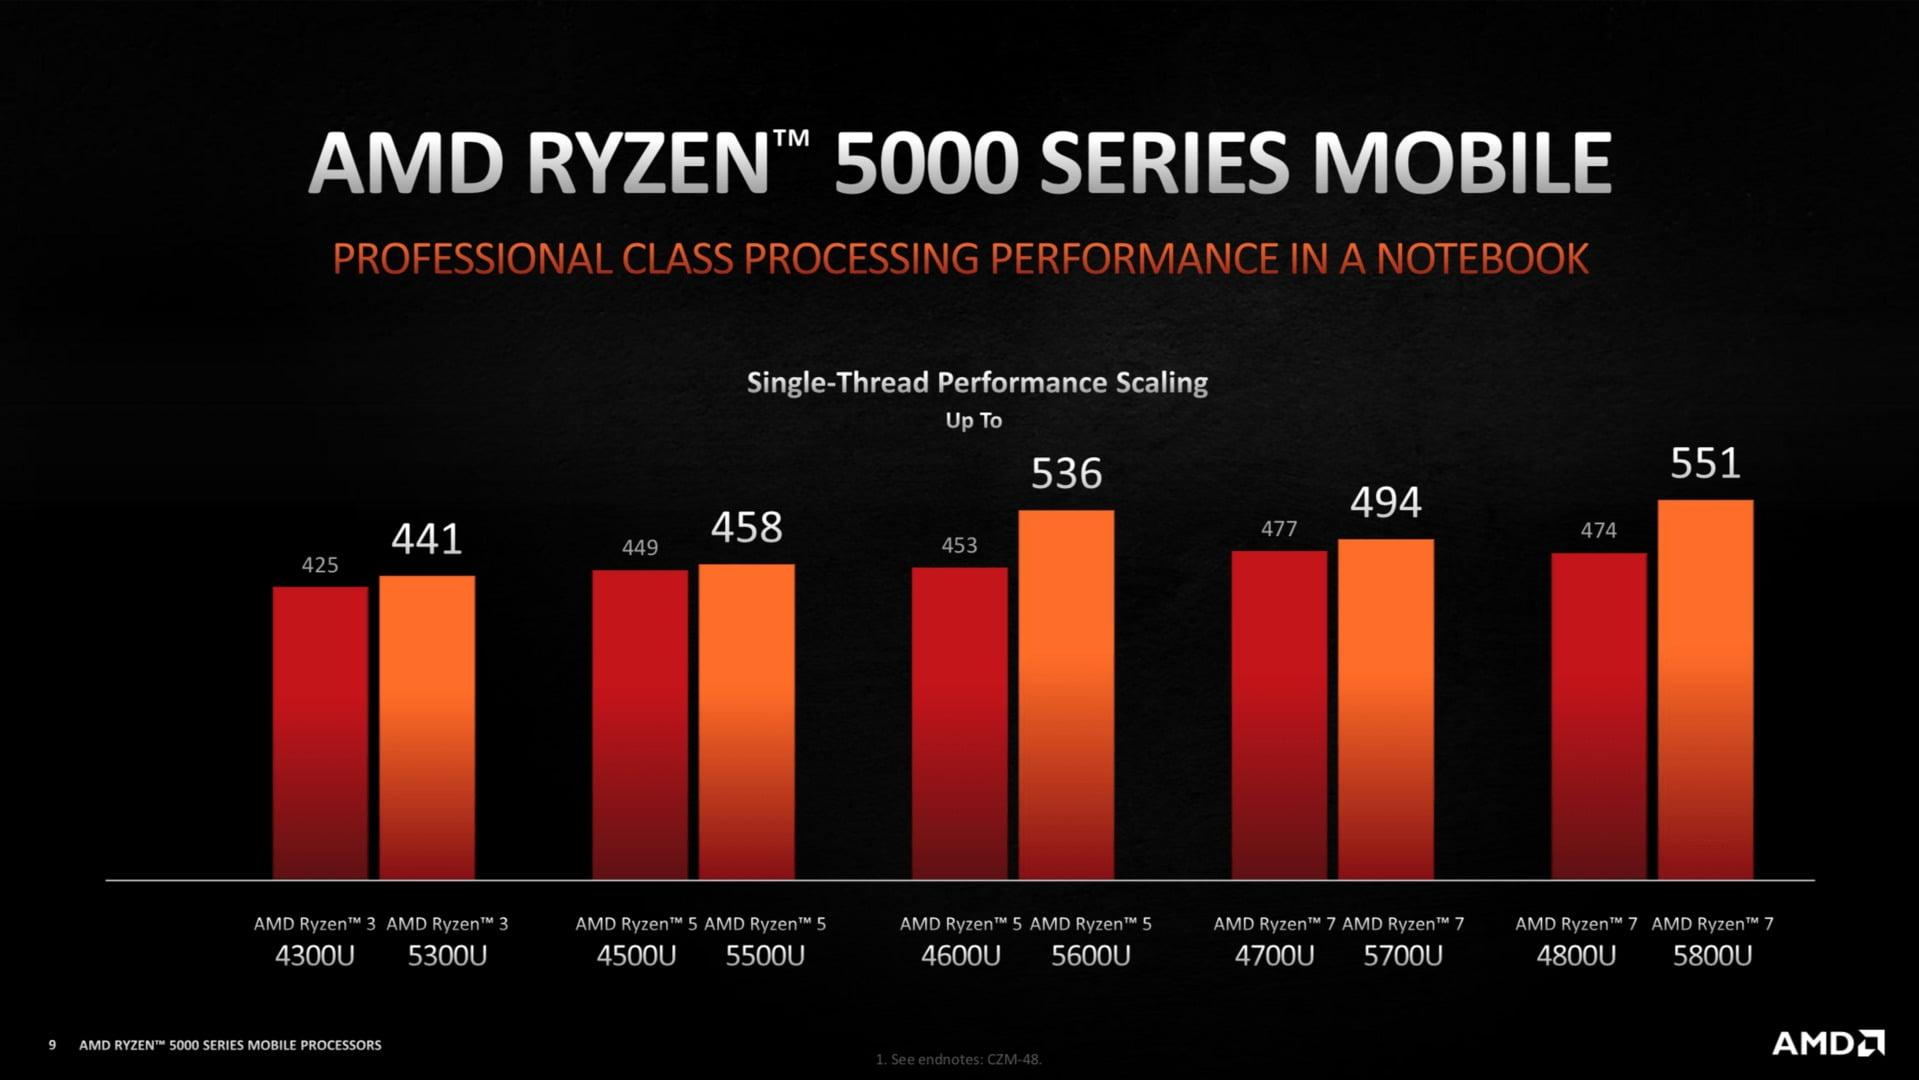 Mejora de rendimiento de los AMD Ryzen 5000U vs AMD Ryzen 4000U